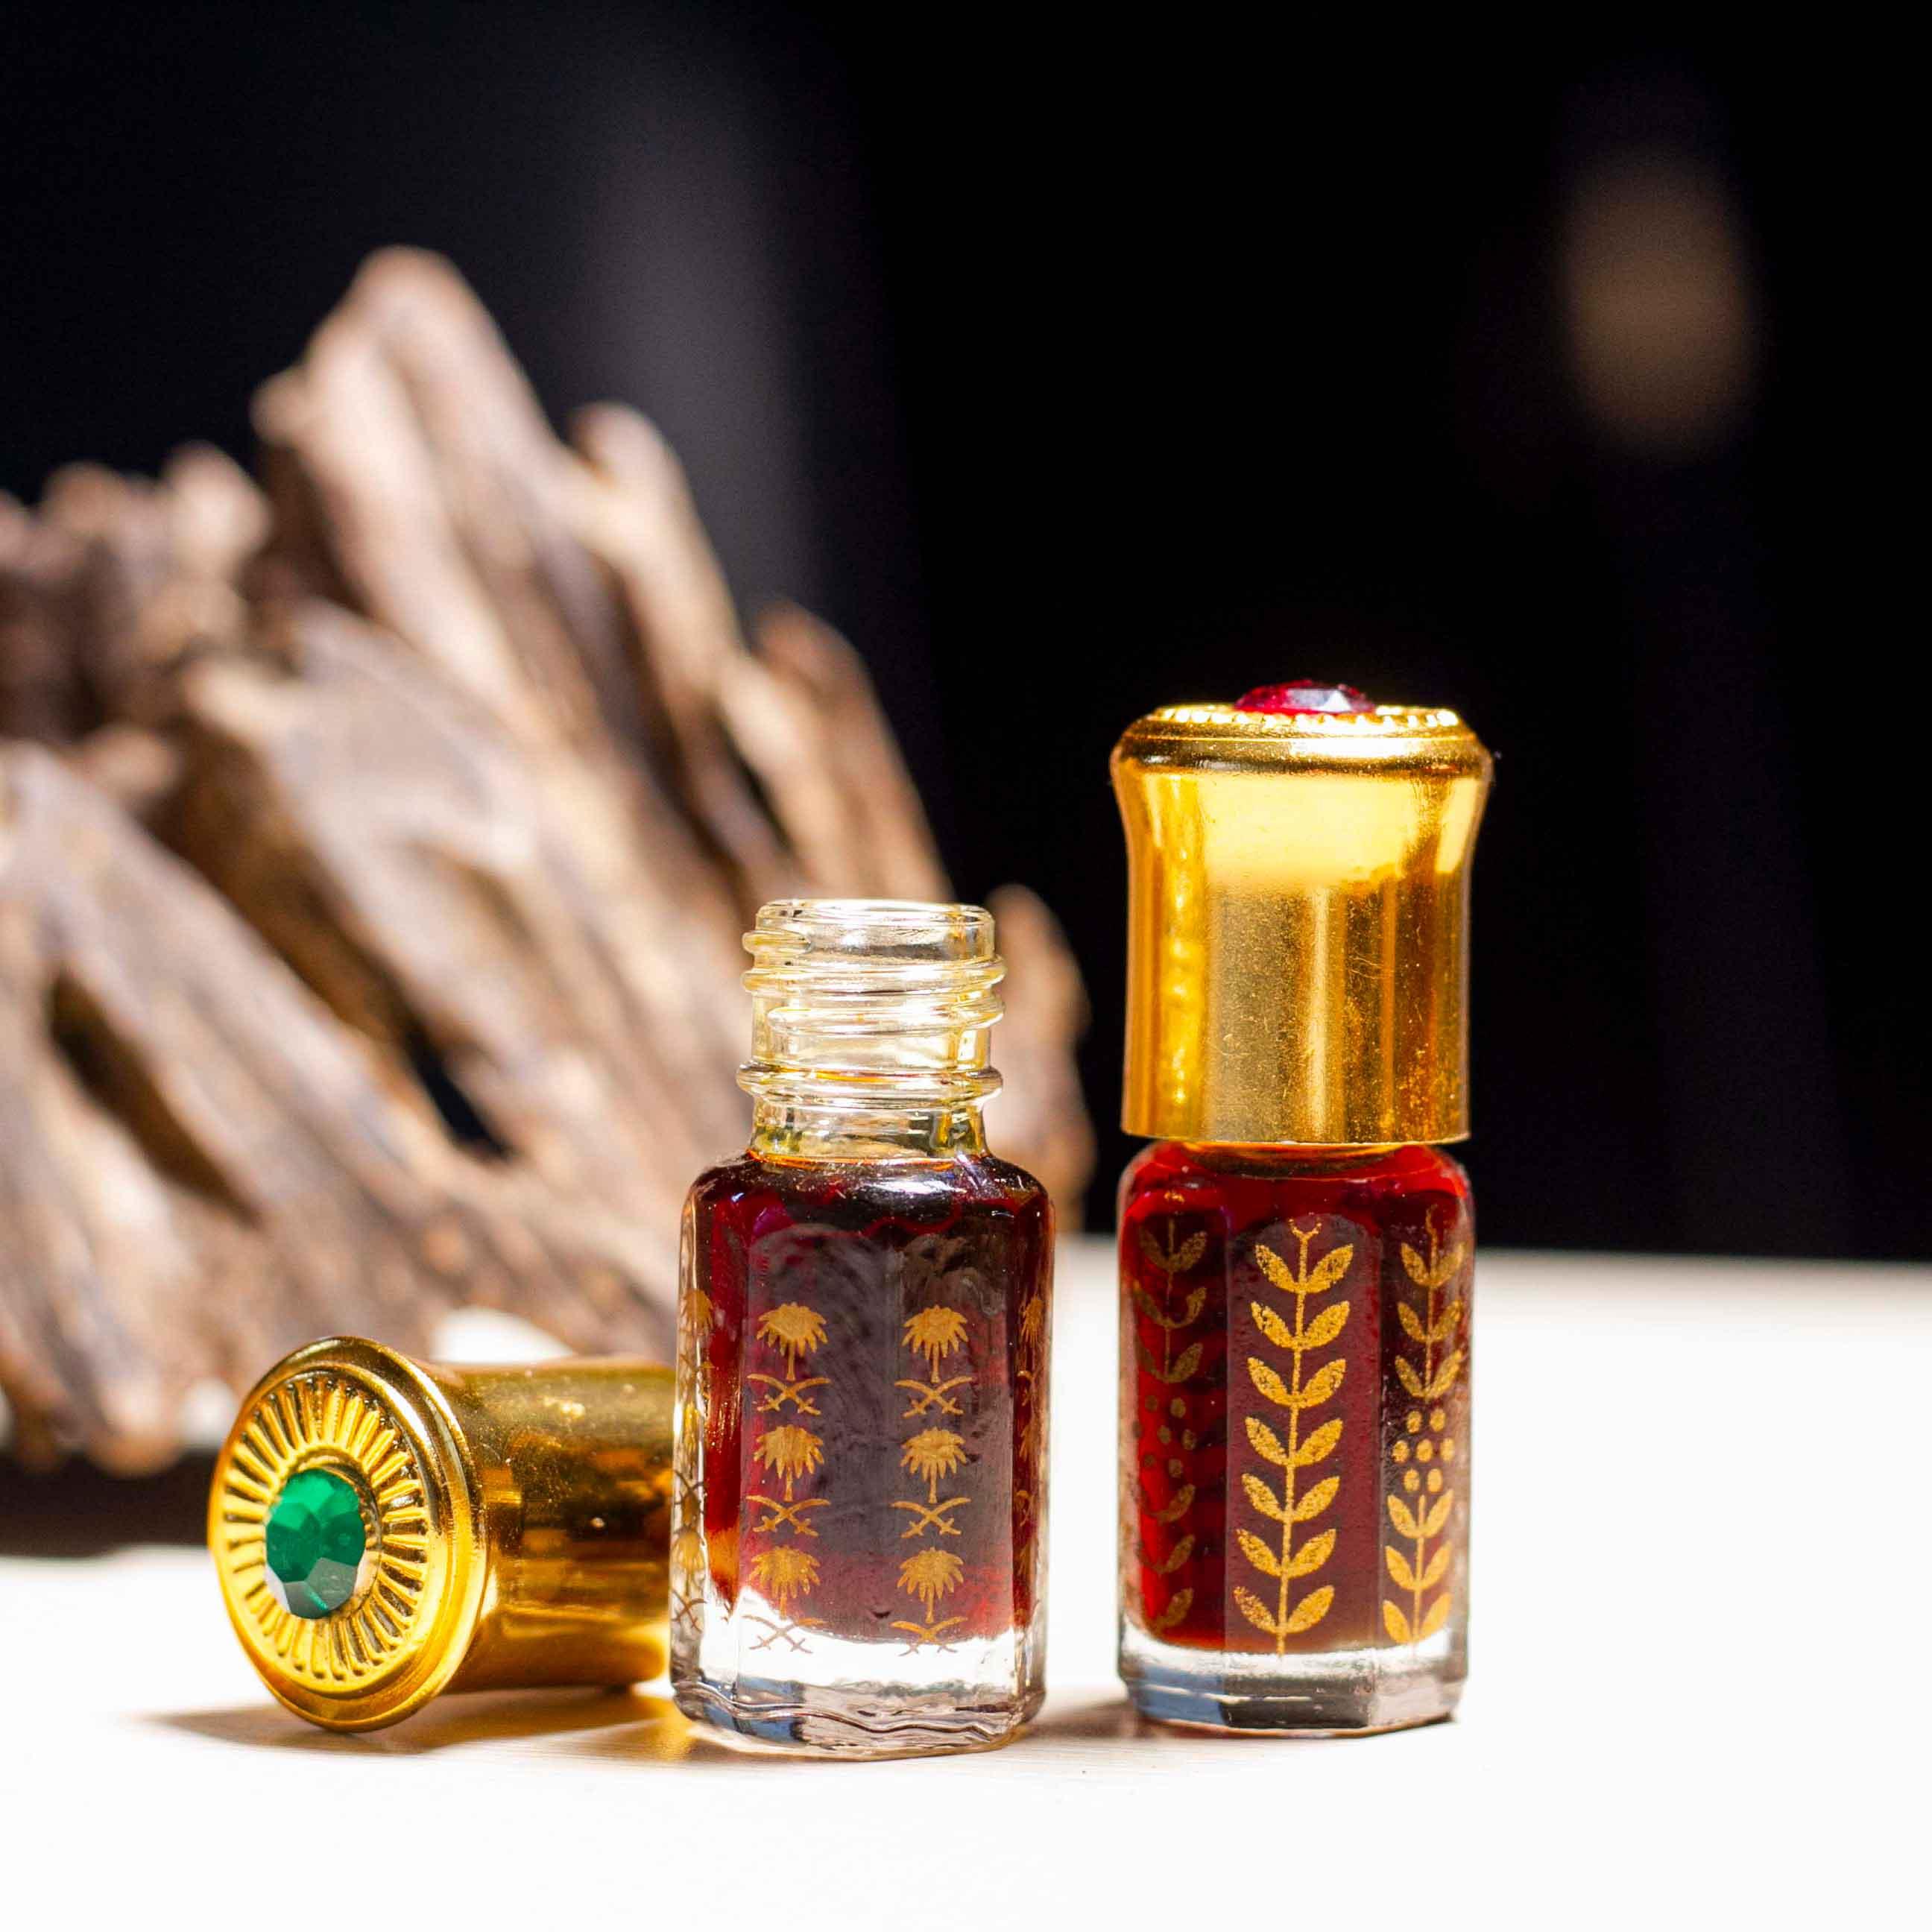 tinh dầu Trầm Hương - Thiên Mộc Hương